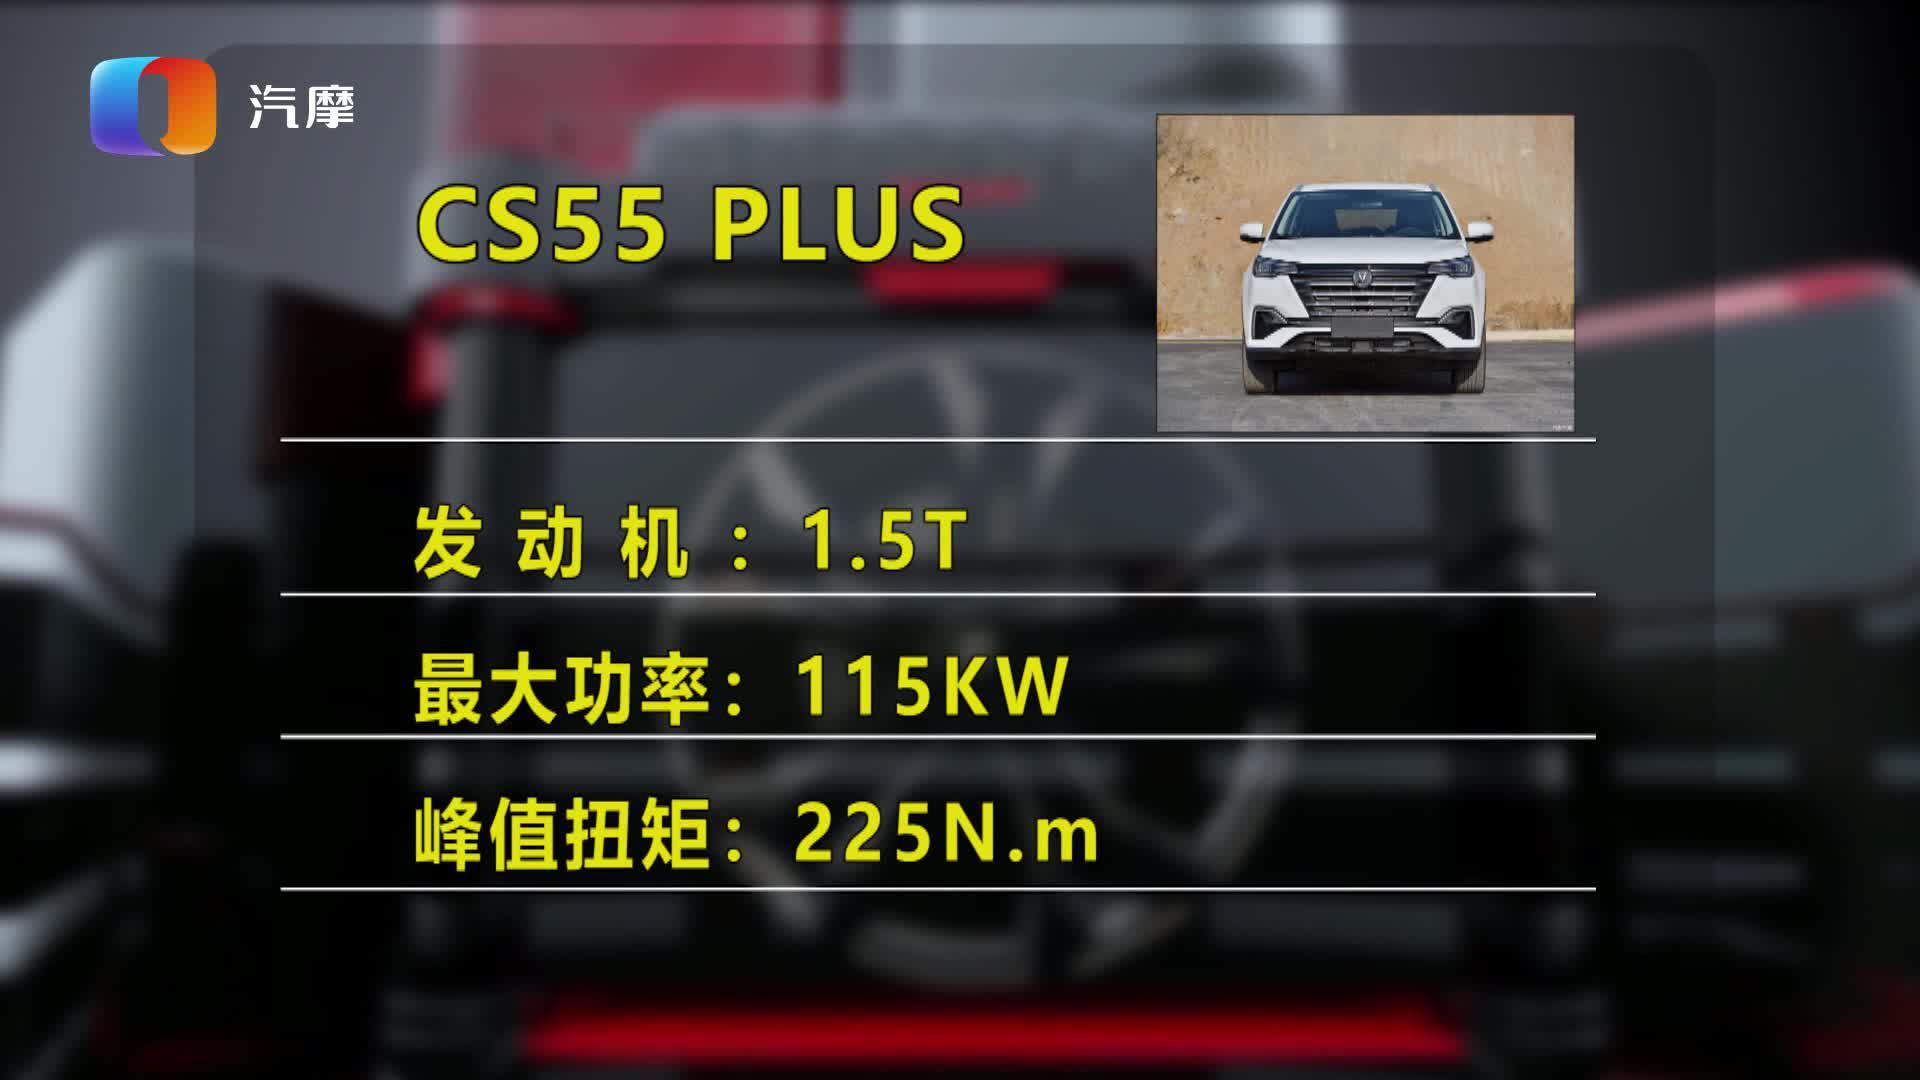 视频:长安CS55 PLUS有哪些优缺点?